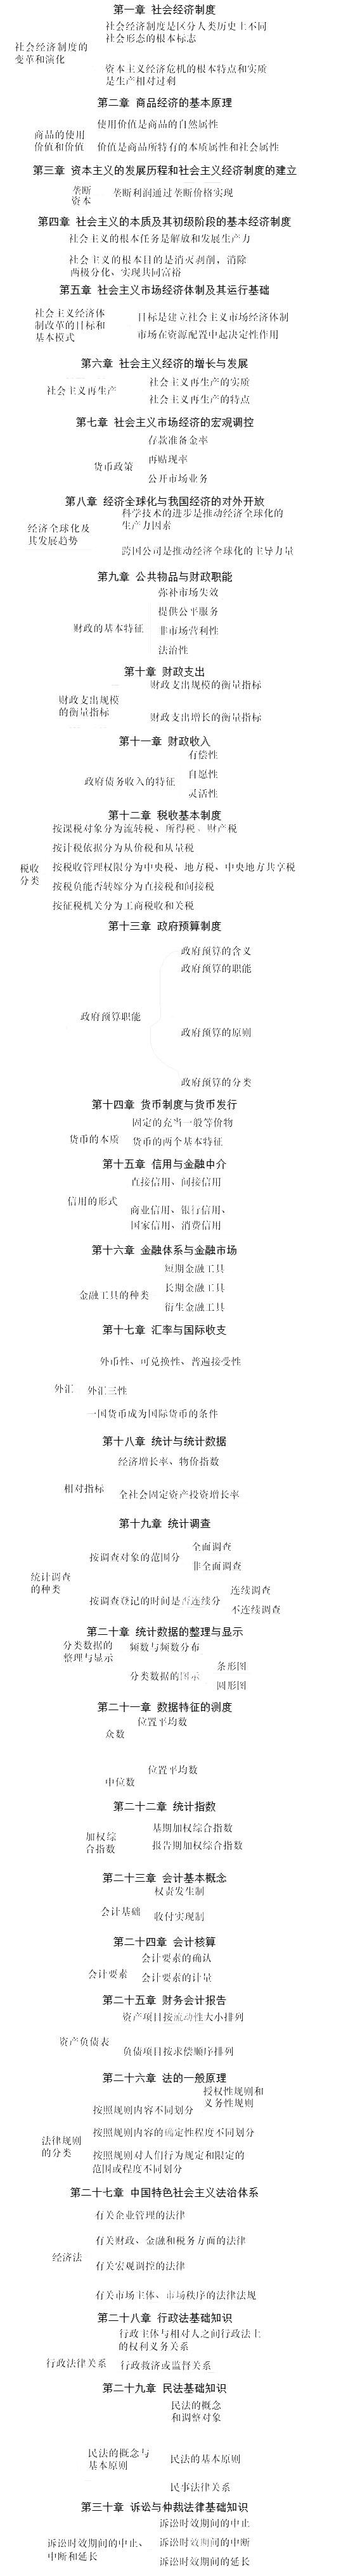 2019初级基础各章节思维导图